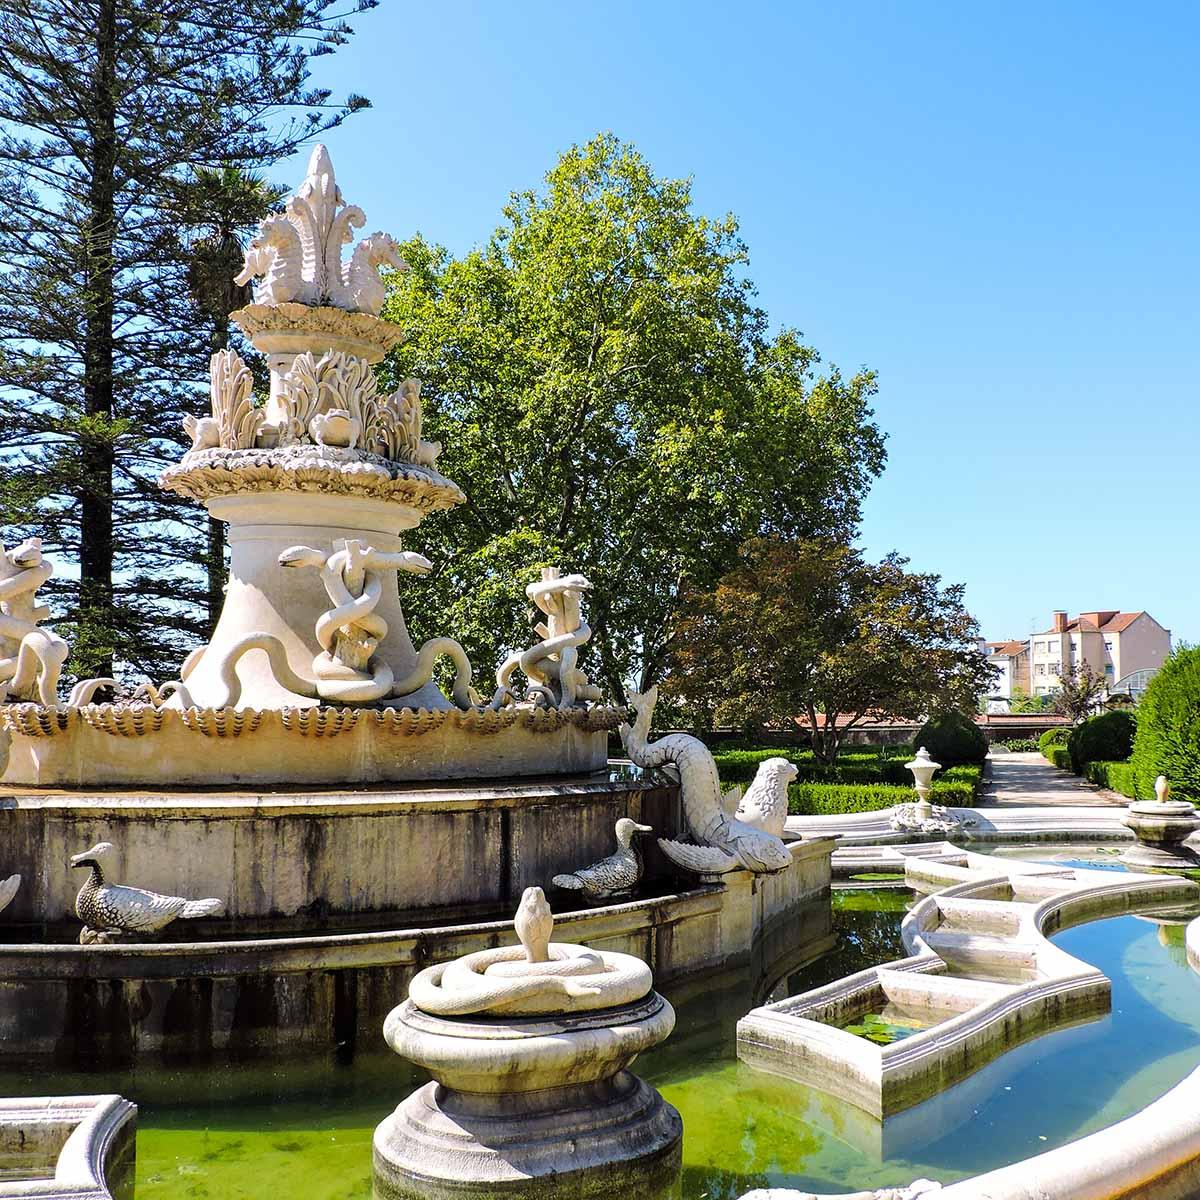 Jardim Botanico da Ajuda in Belem